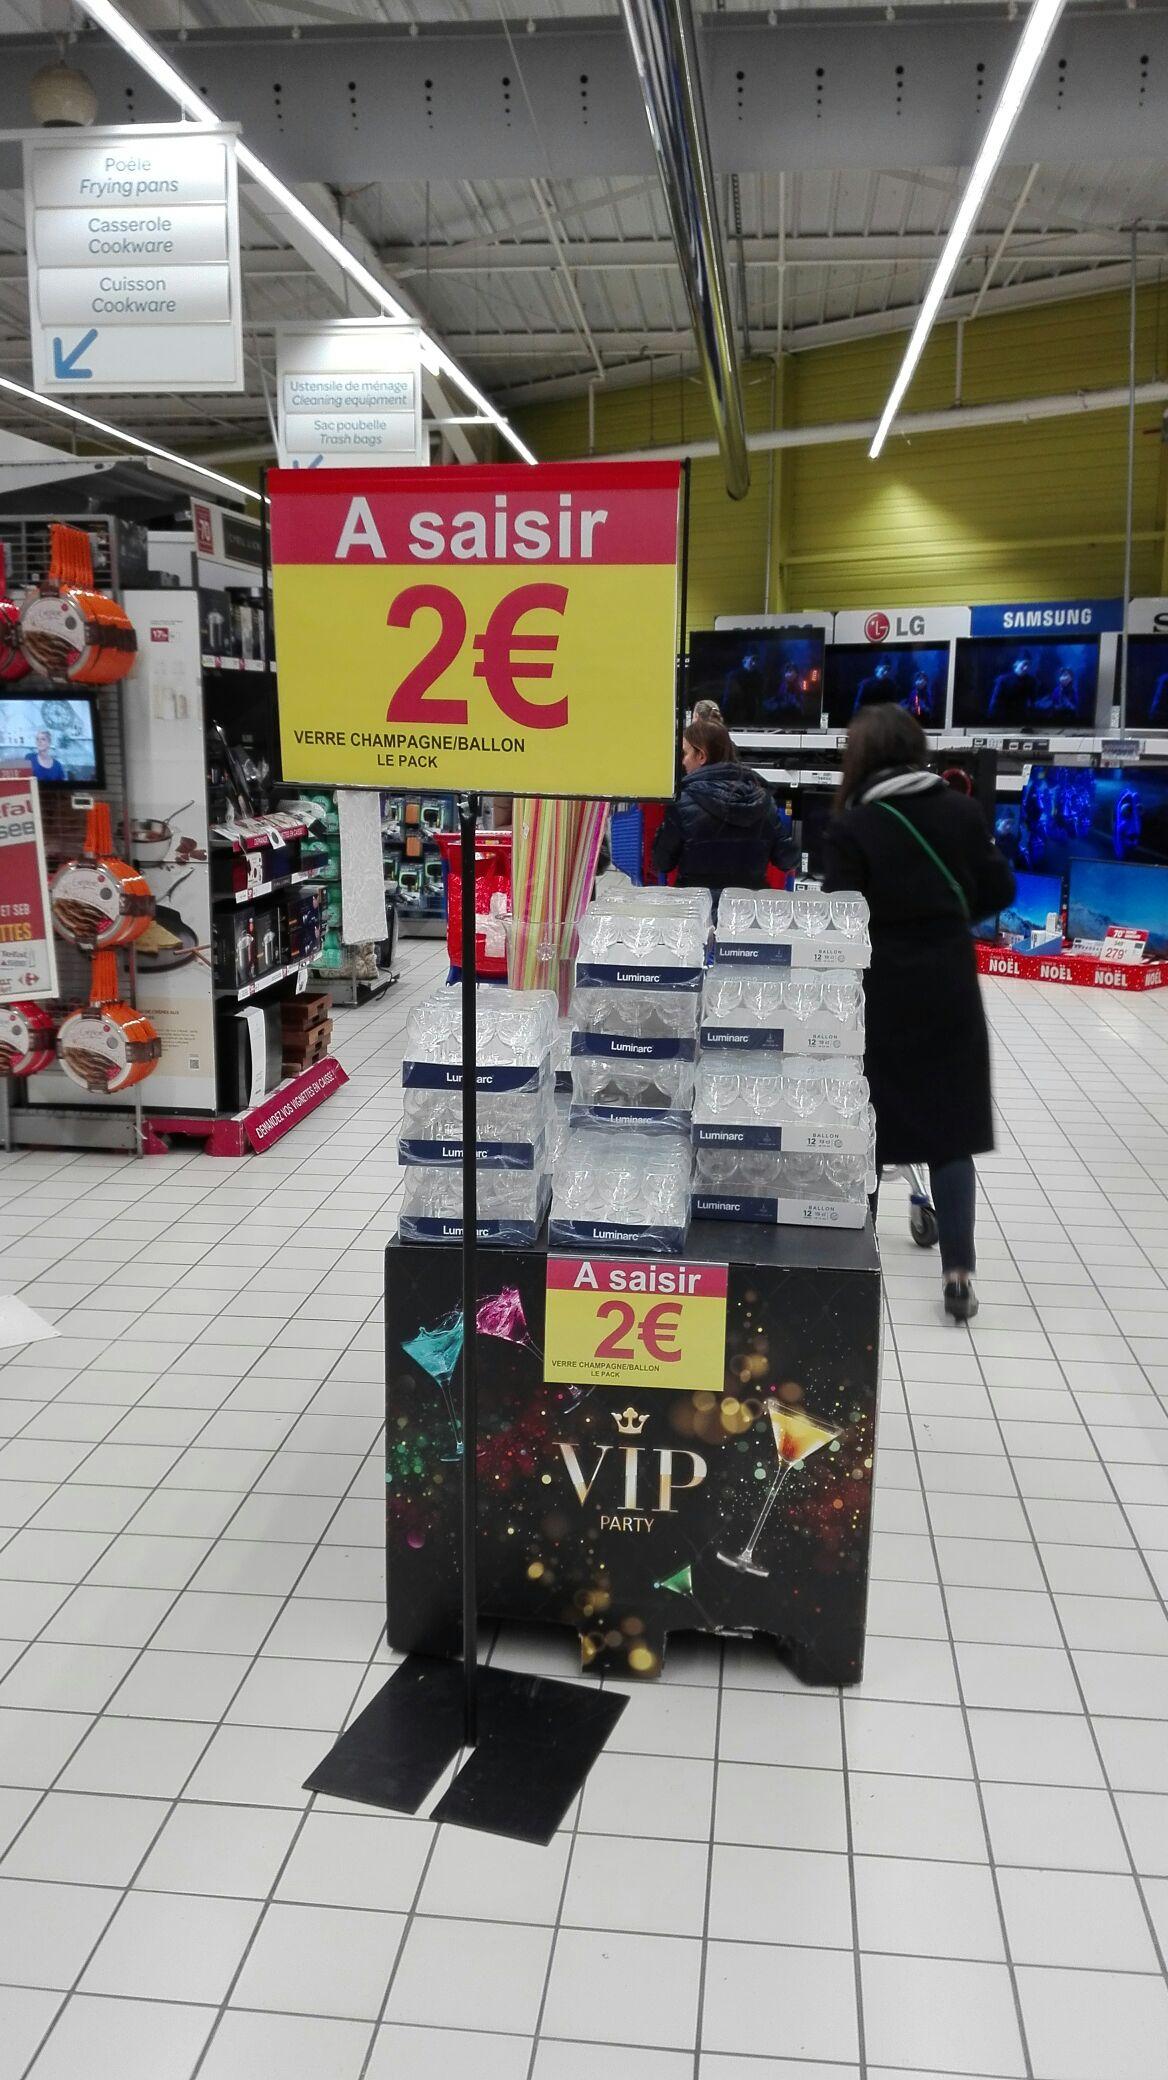 Lot de 12 verres à champagne / ballons Luminarc au Carrefour Ferney-Voltaire (01)